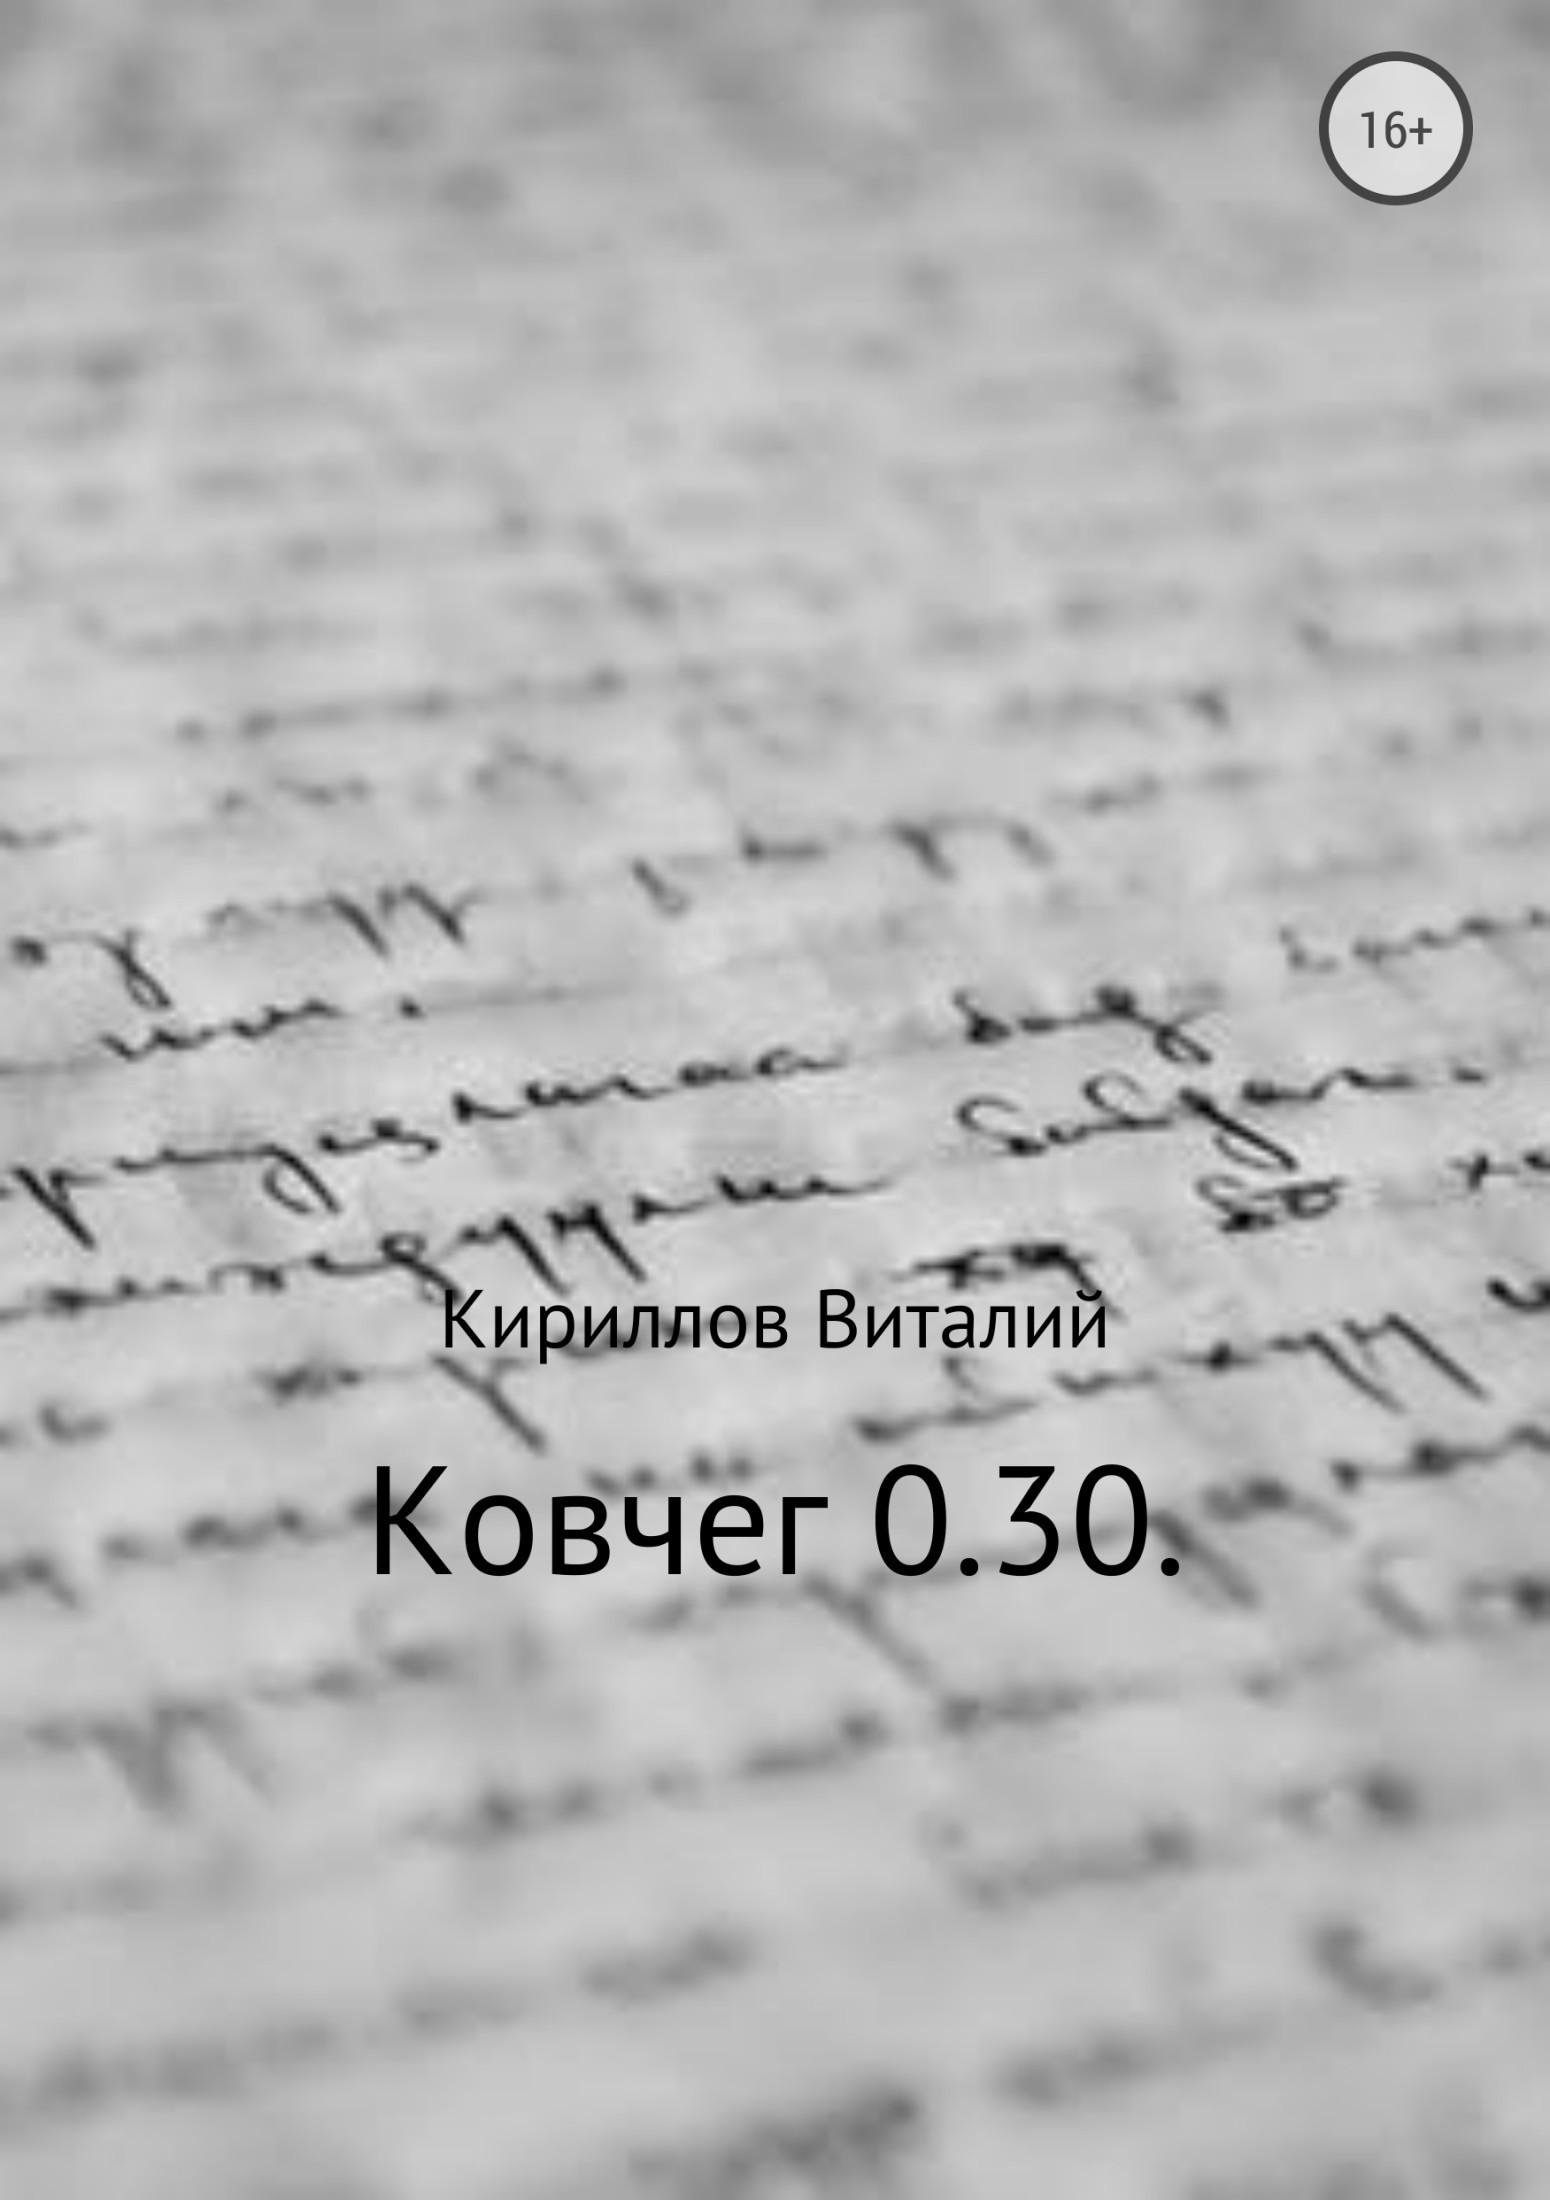 цена Виталий Александрович Кириллов Ковчег 0.30.